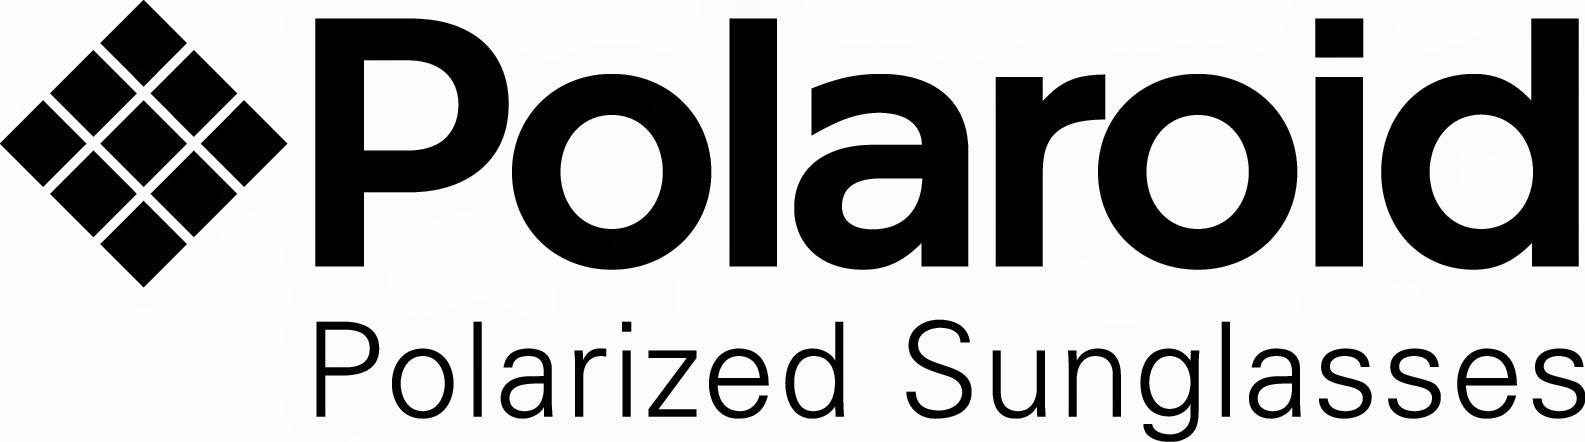 Polaroid napszemüveg logo